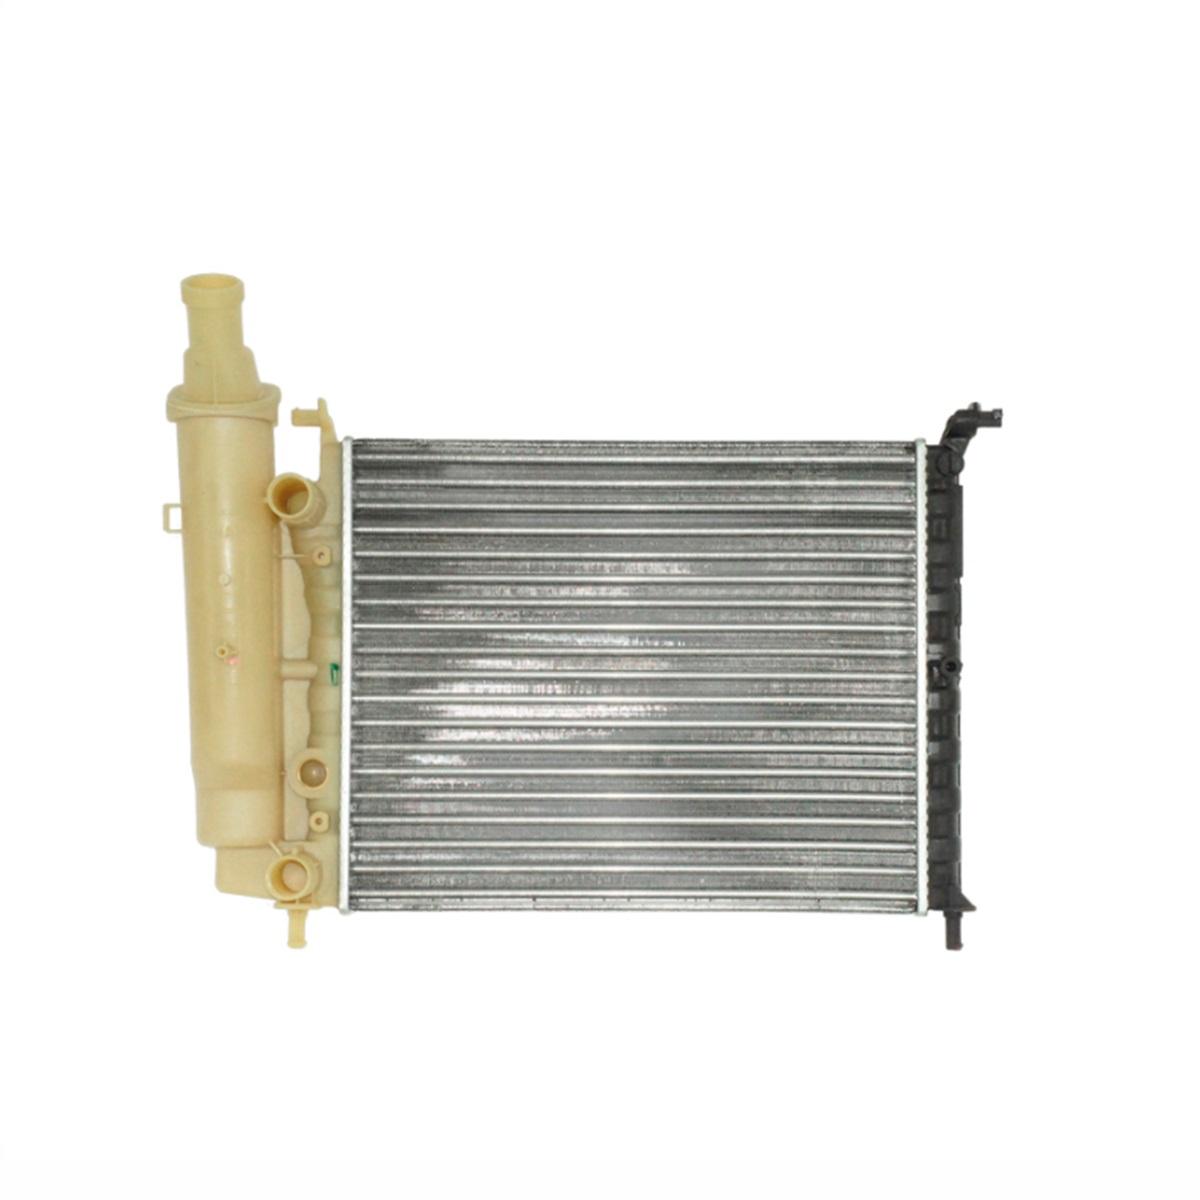 Radiador de Água Fiat Palio 1998/2002 Gasolina 1996/2002, Siena 1998/2002 S/AR Manual C/Reservatório